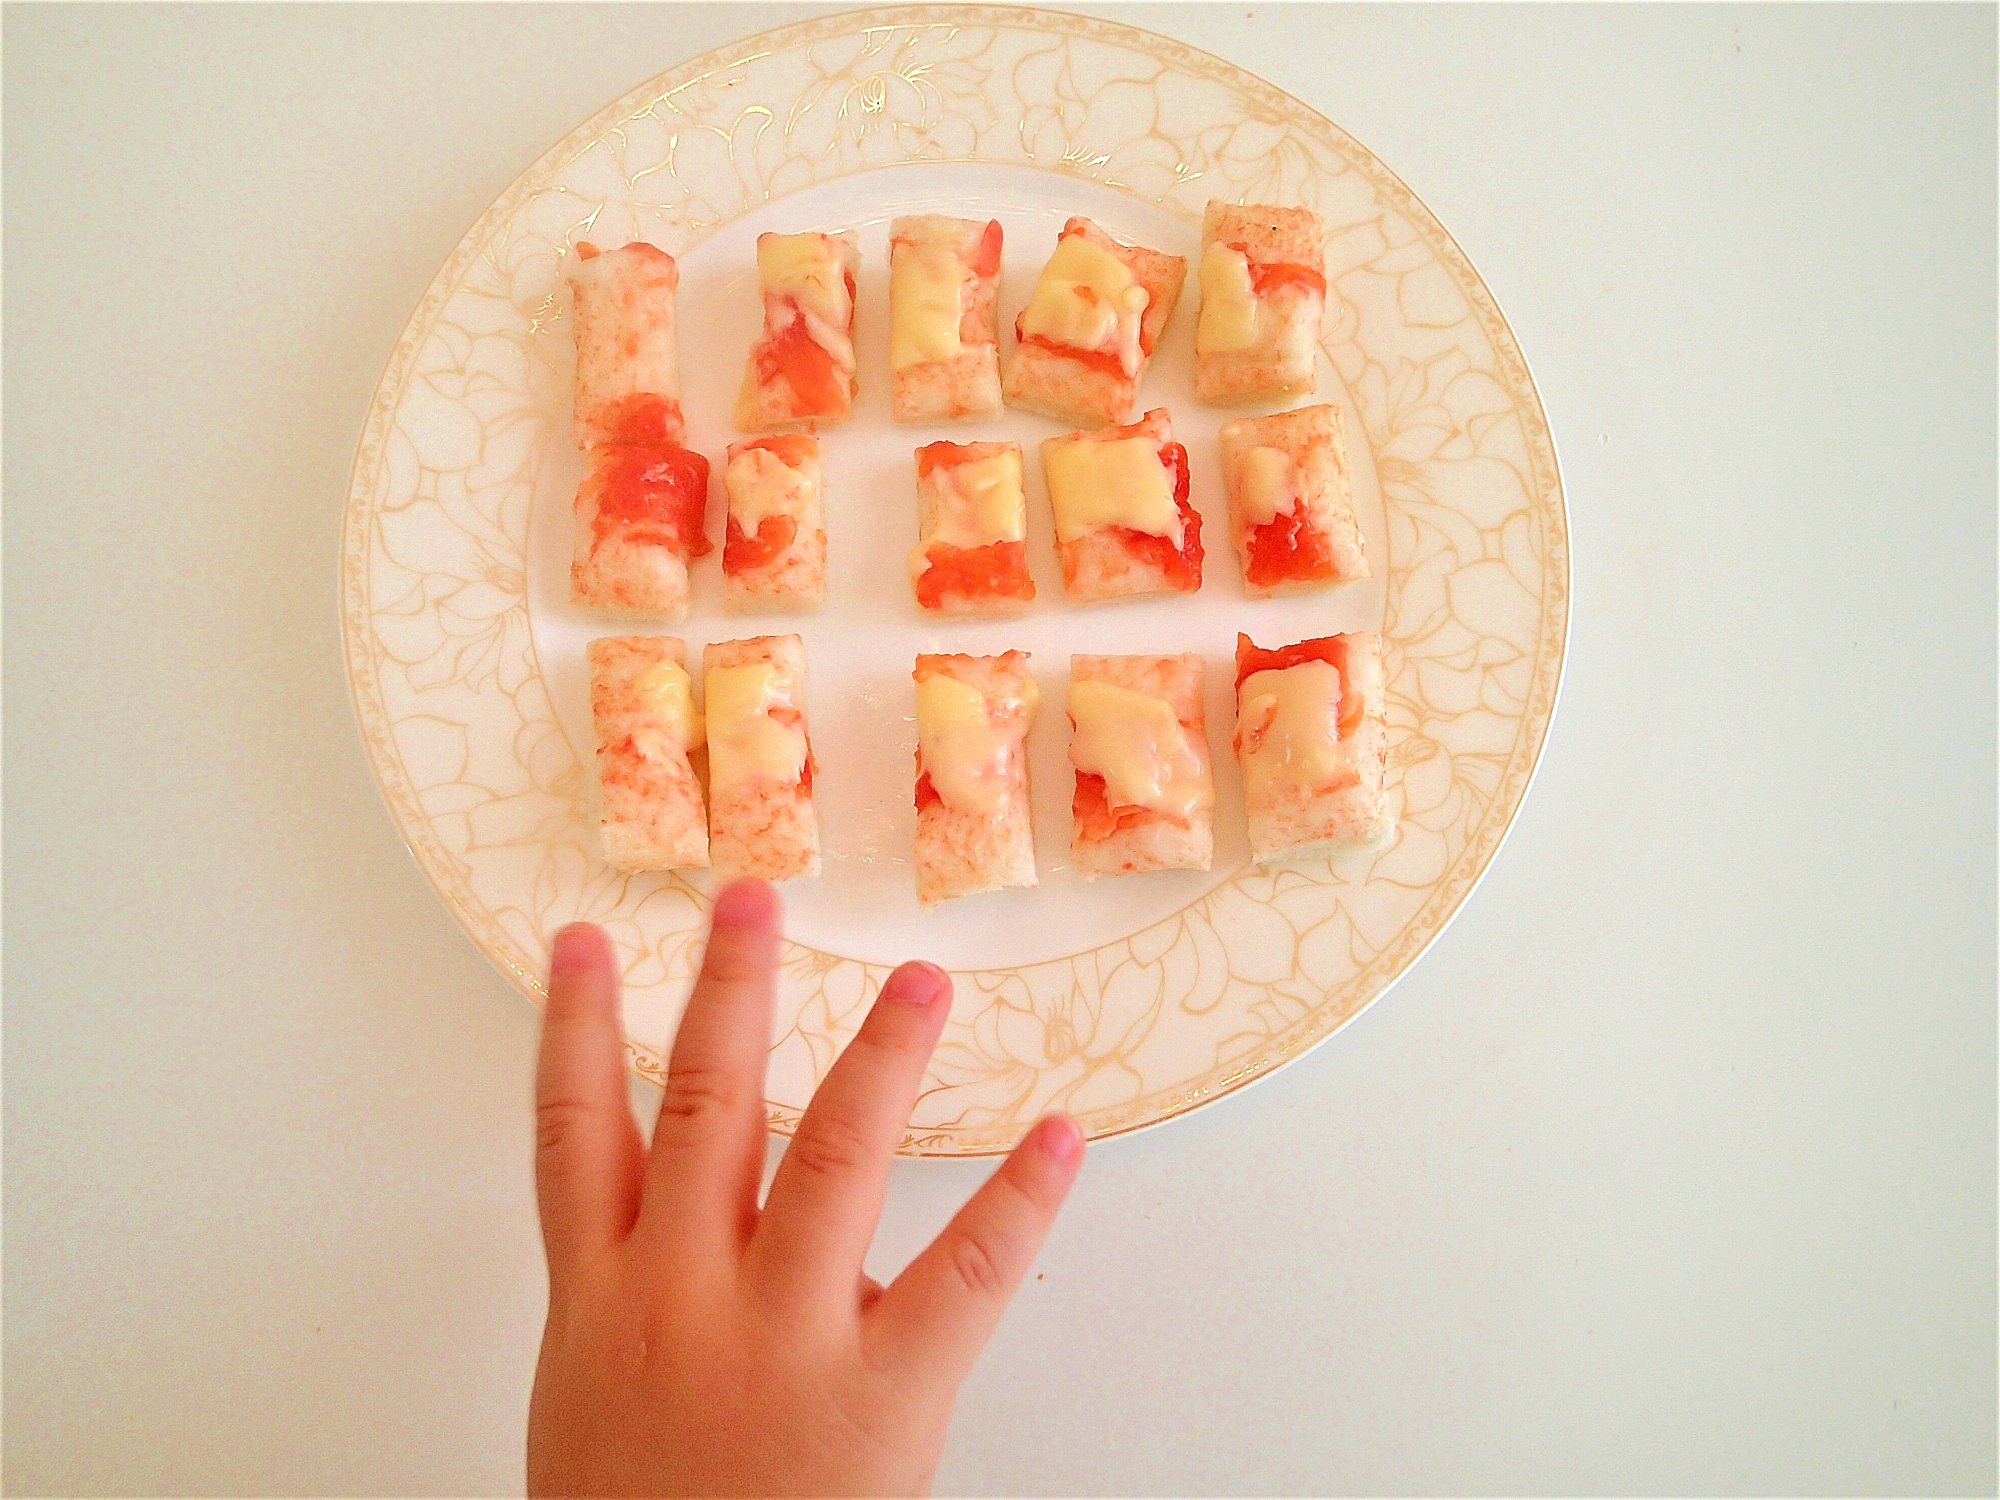 子どもも大好き★ふわふわ煮込みハンバーグ